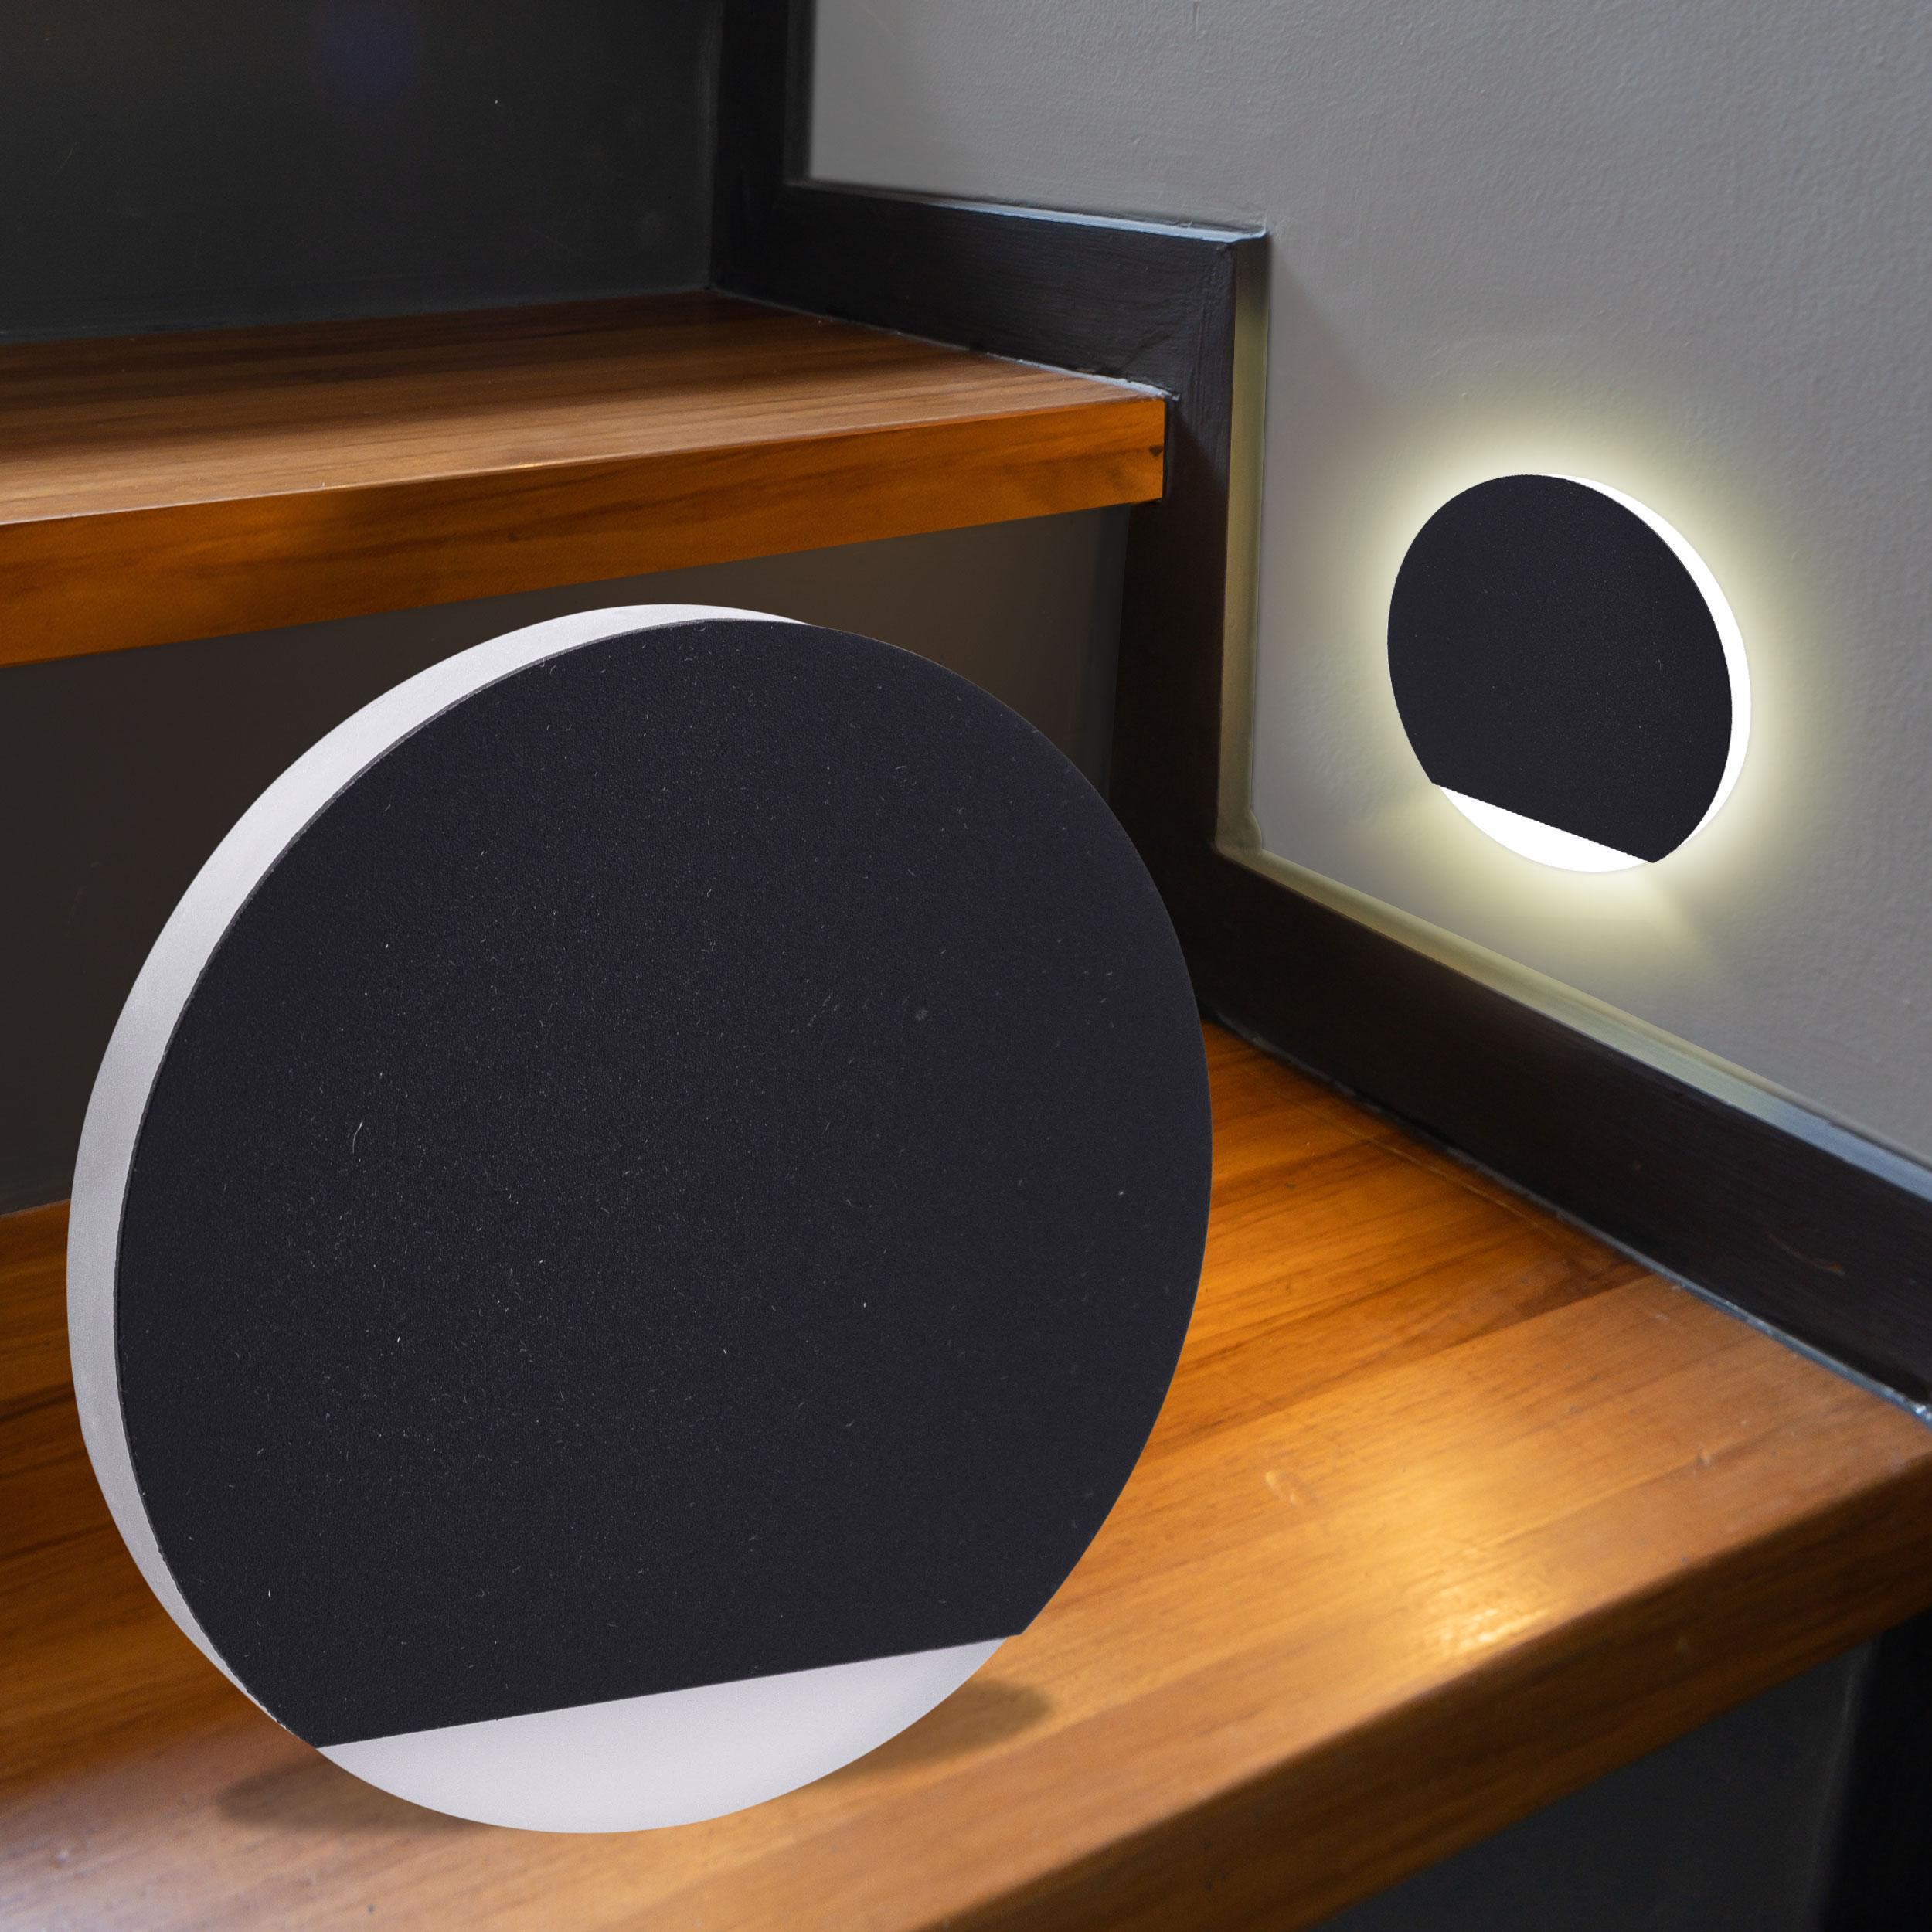 LED Treppenbeleuchtung rund Warmweiß 230V 1.5W schwarz Lichtaustritt seitlich&frontal